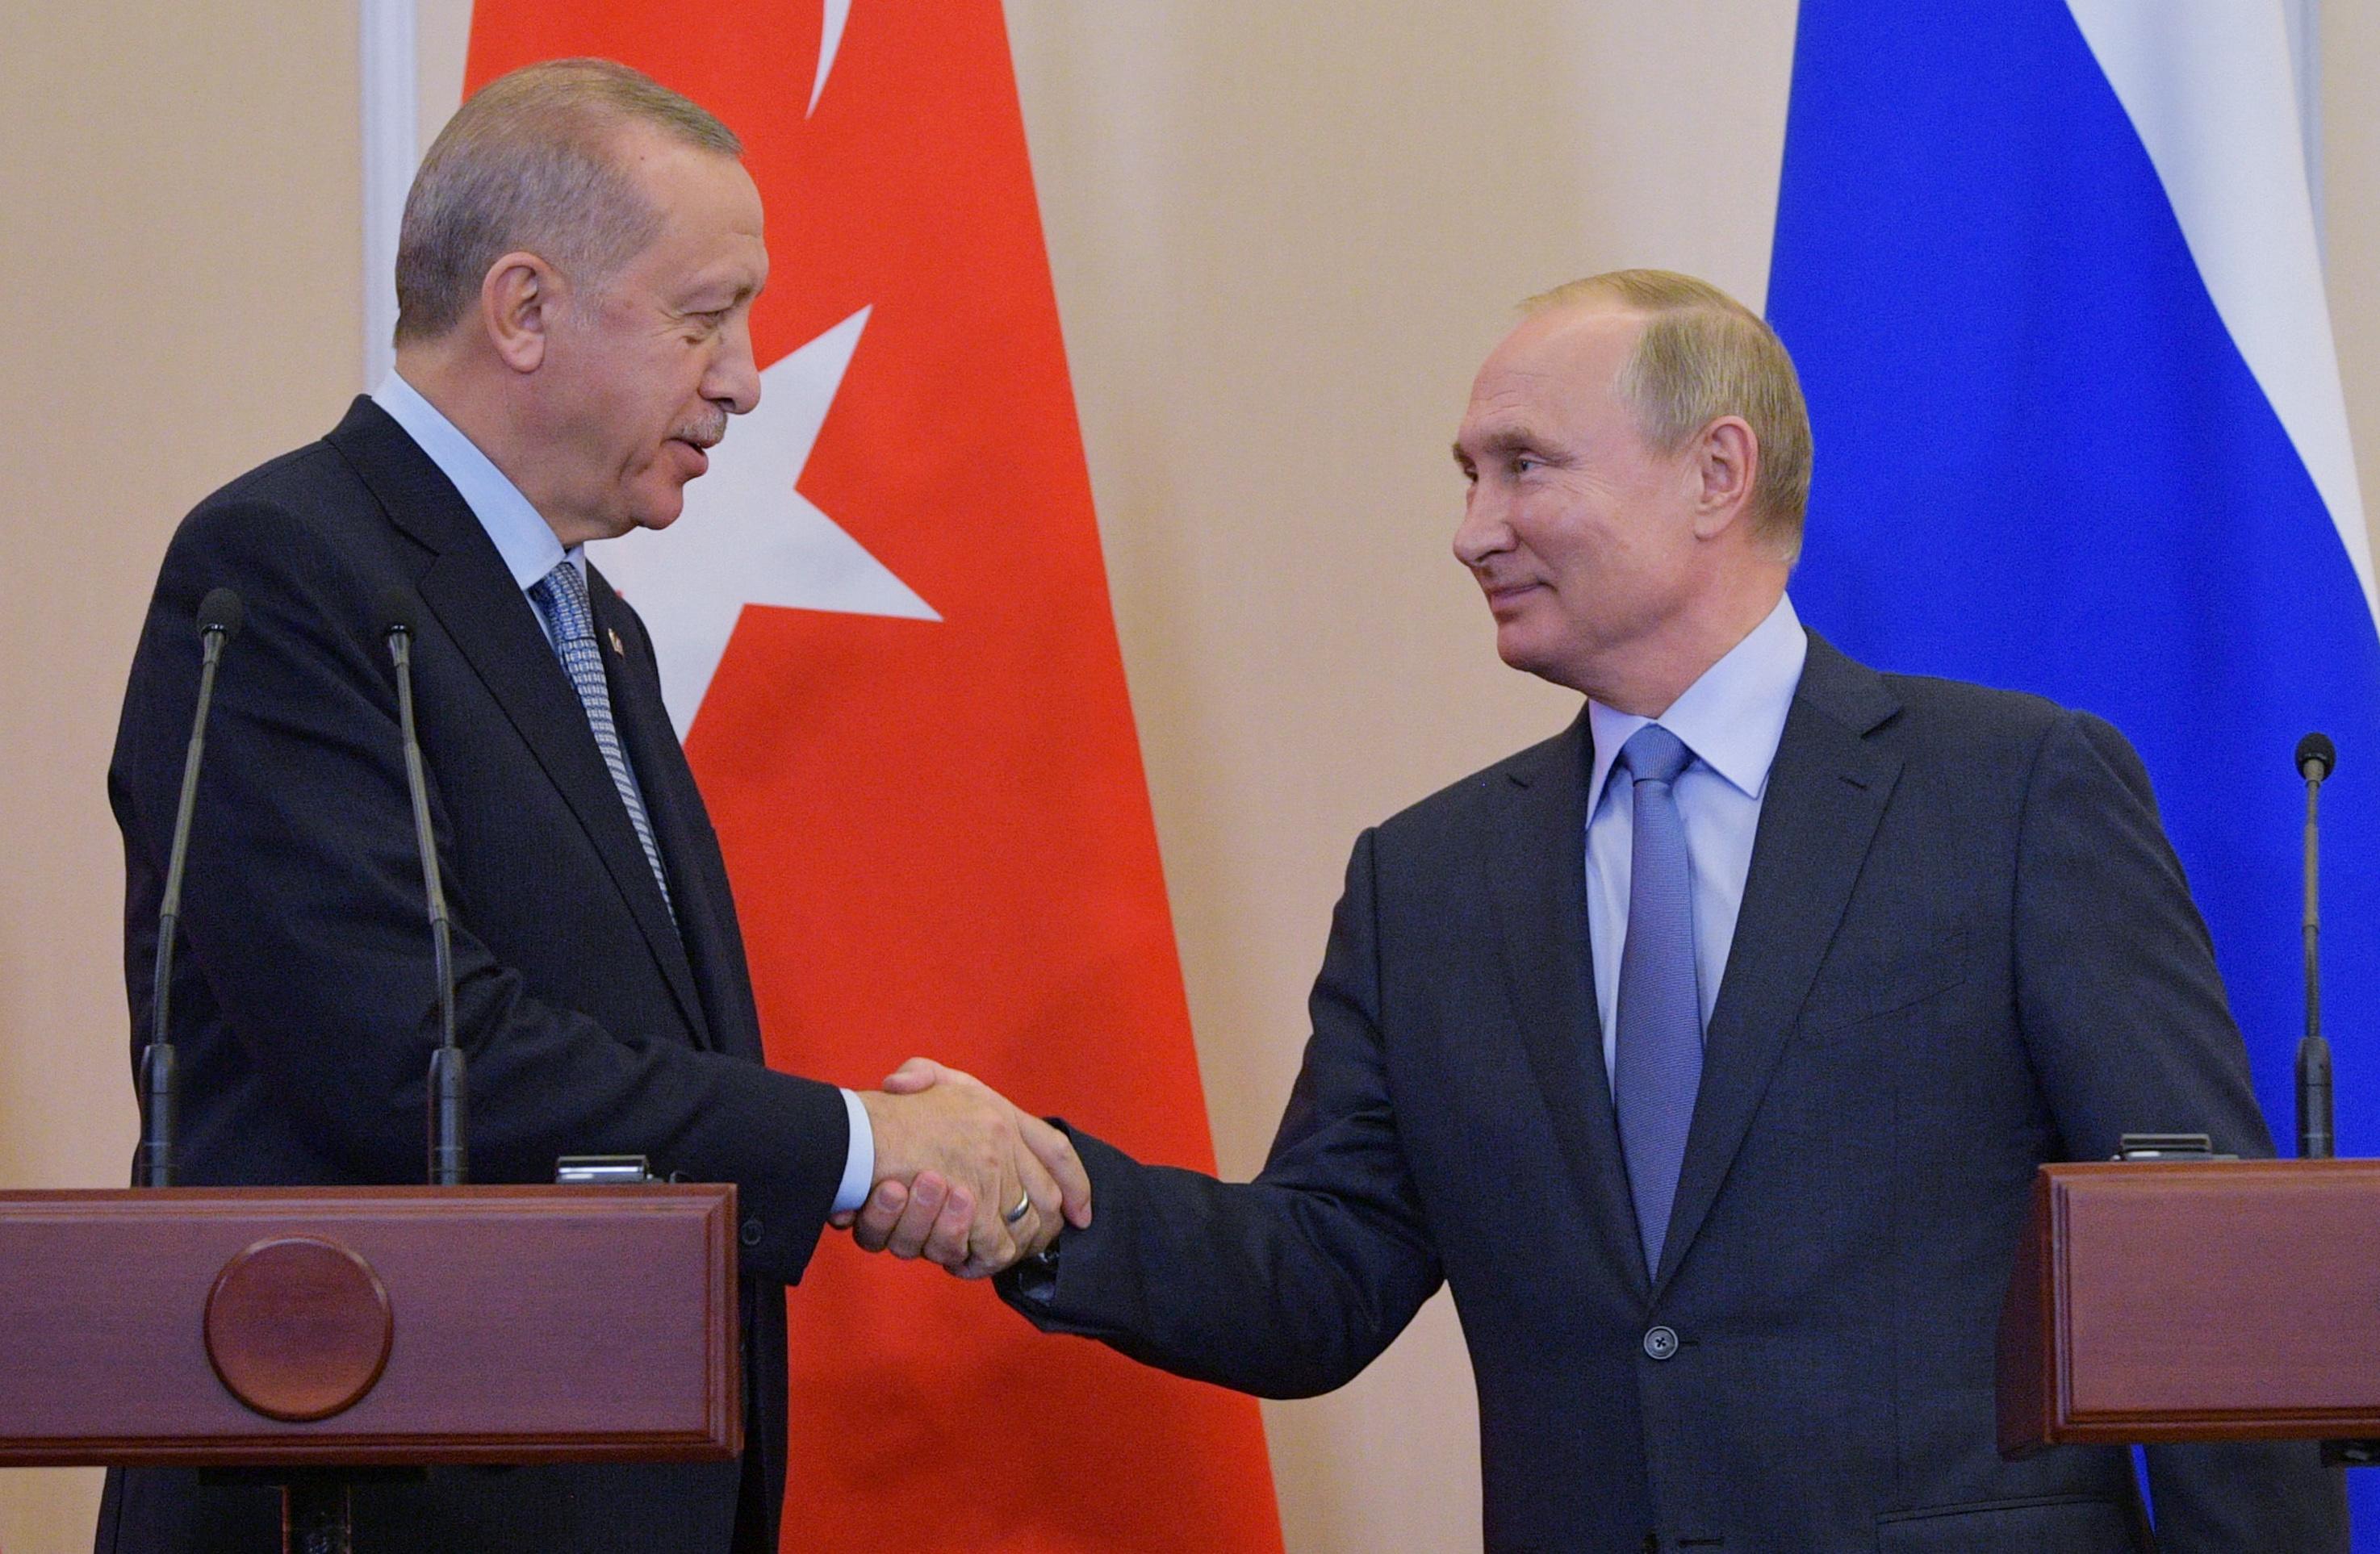 Συρία: Όλα όσα περιλαμβάνει η συμφωνία Ερντογάν - Πούτιν για τους Κούρδους - Ρωσία: Οι ΗΠΑ τους εγκατέλειψαν